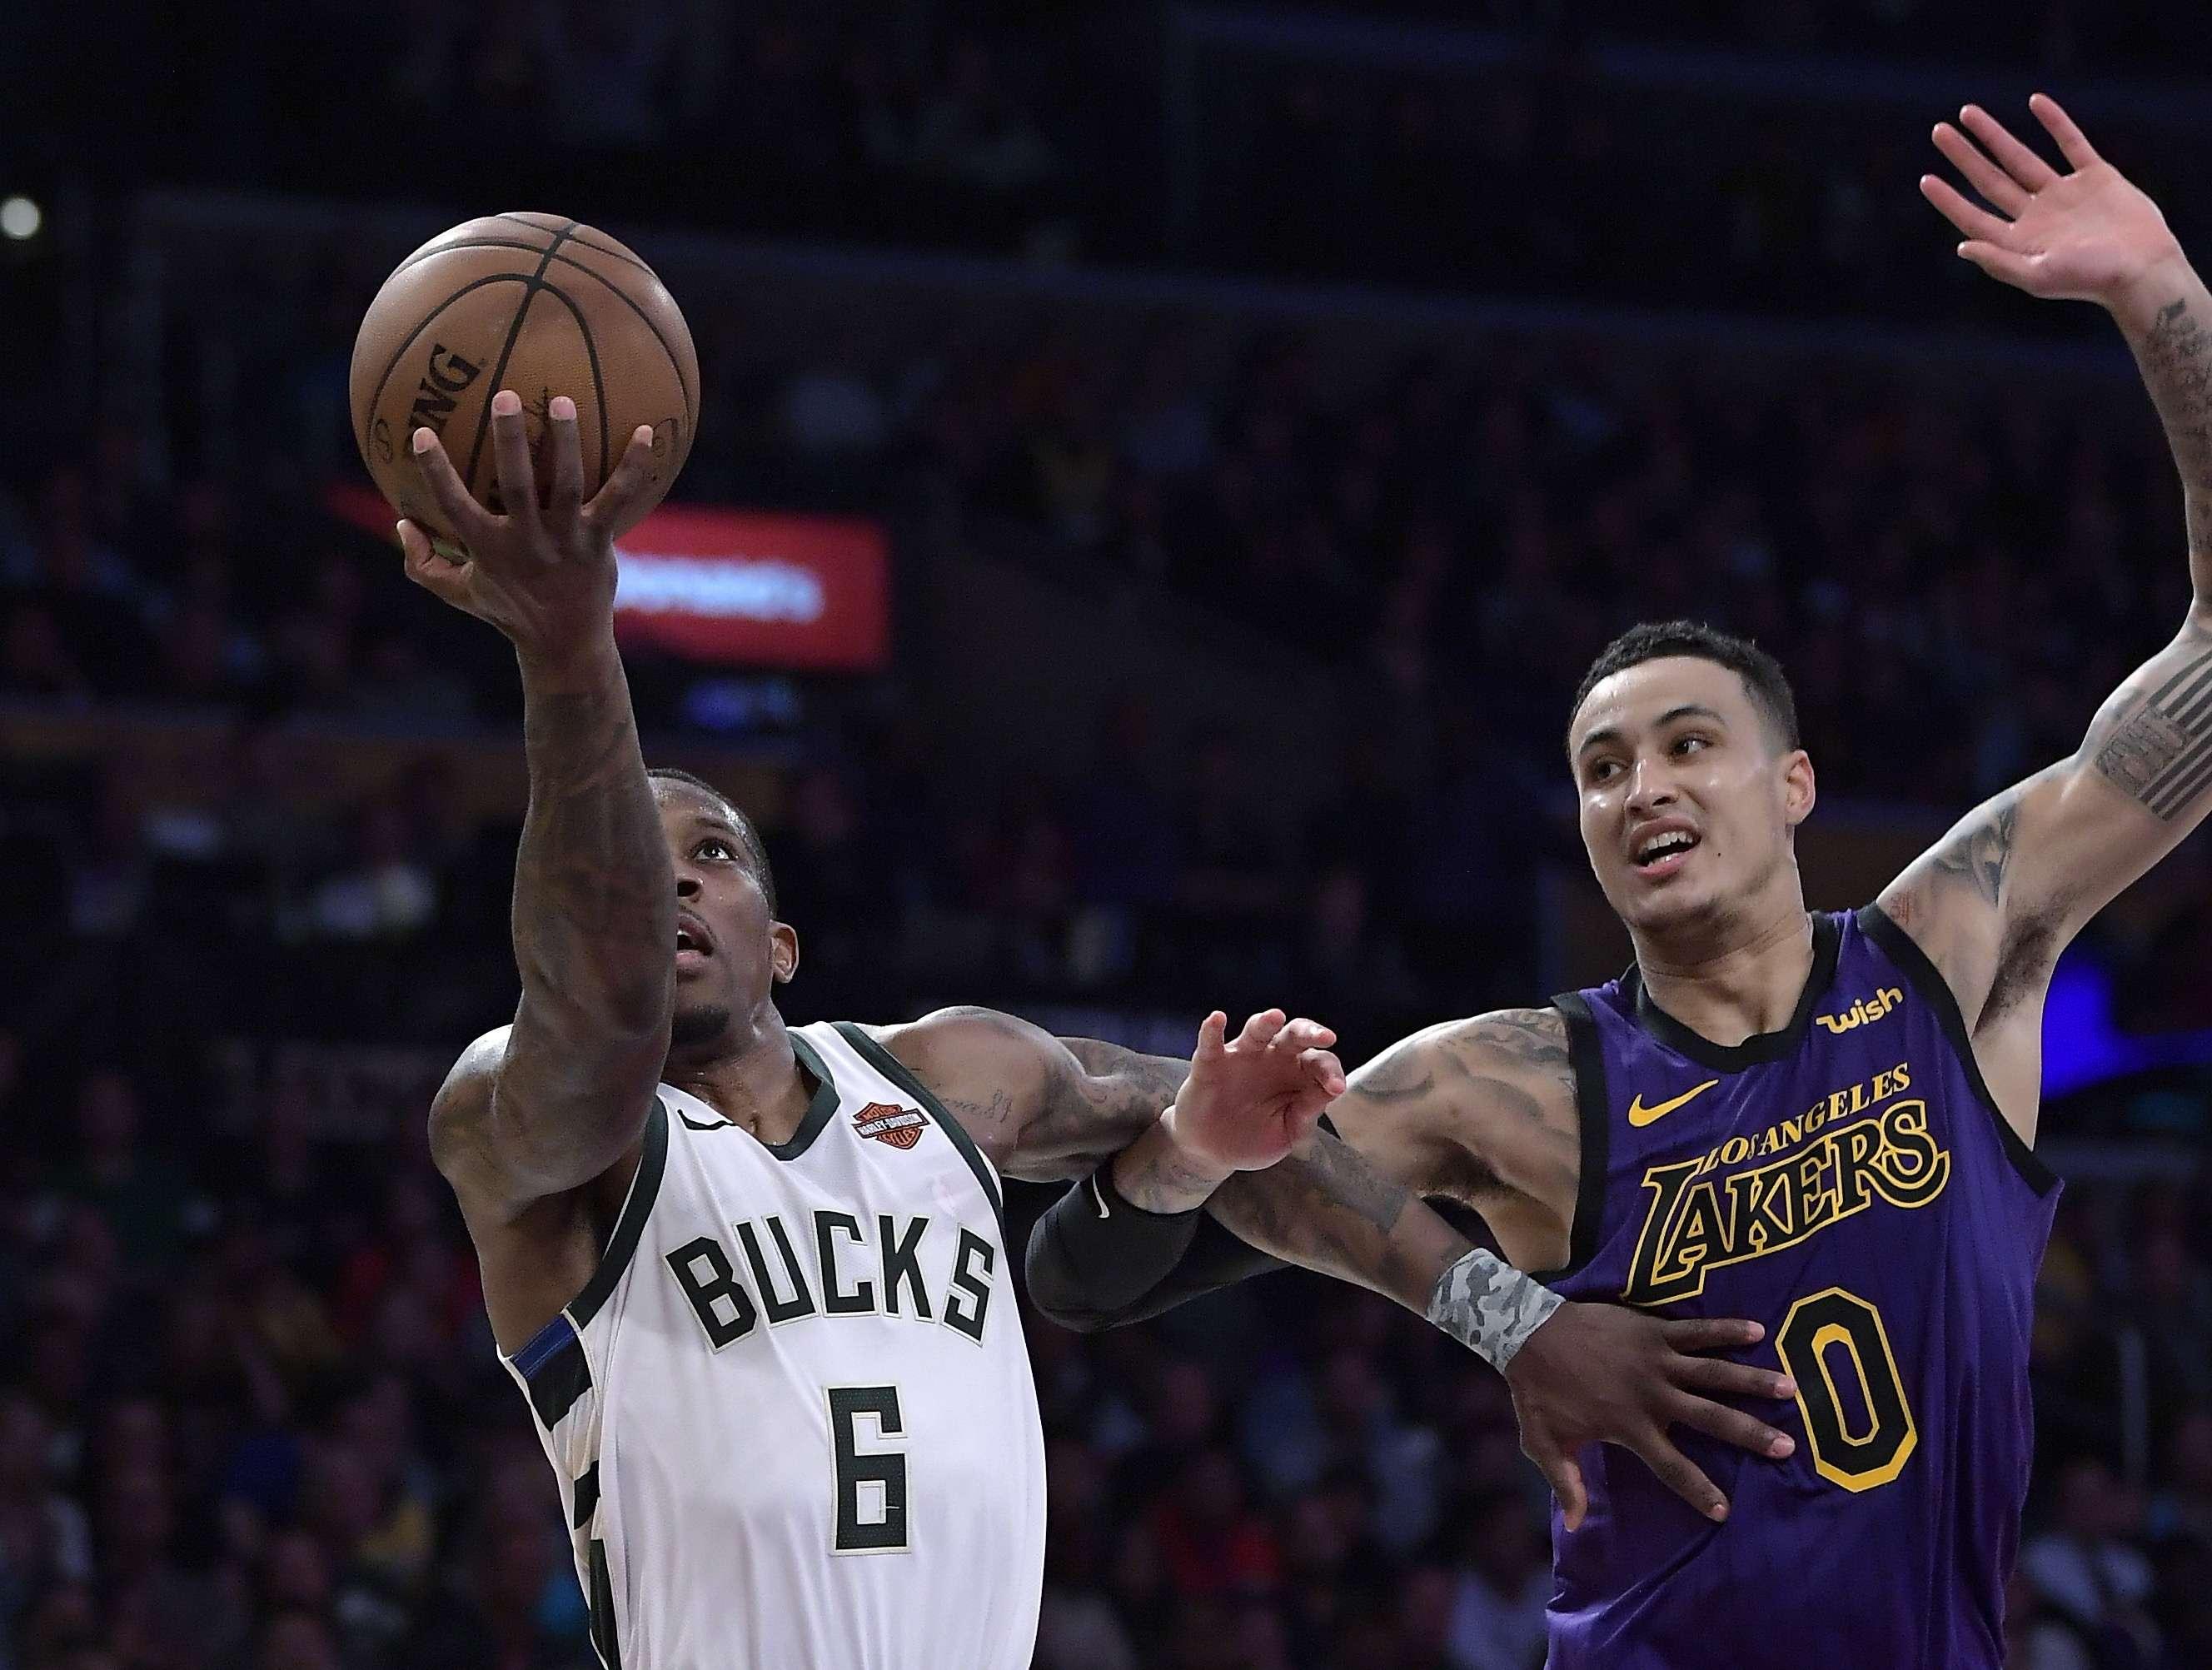 Bucks derrotan a Lakers 131-120, por octava vez consecutiva